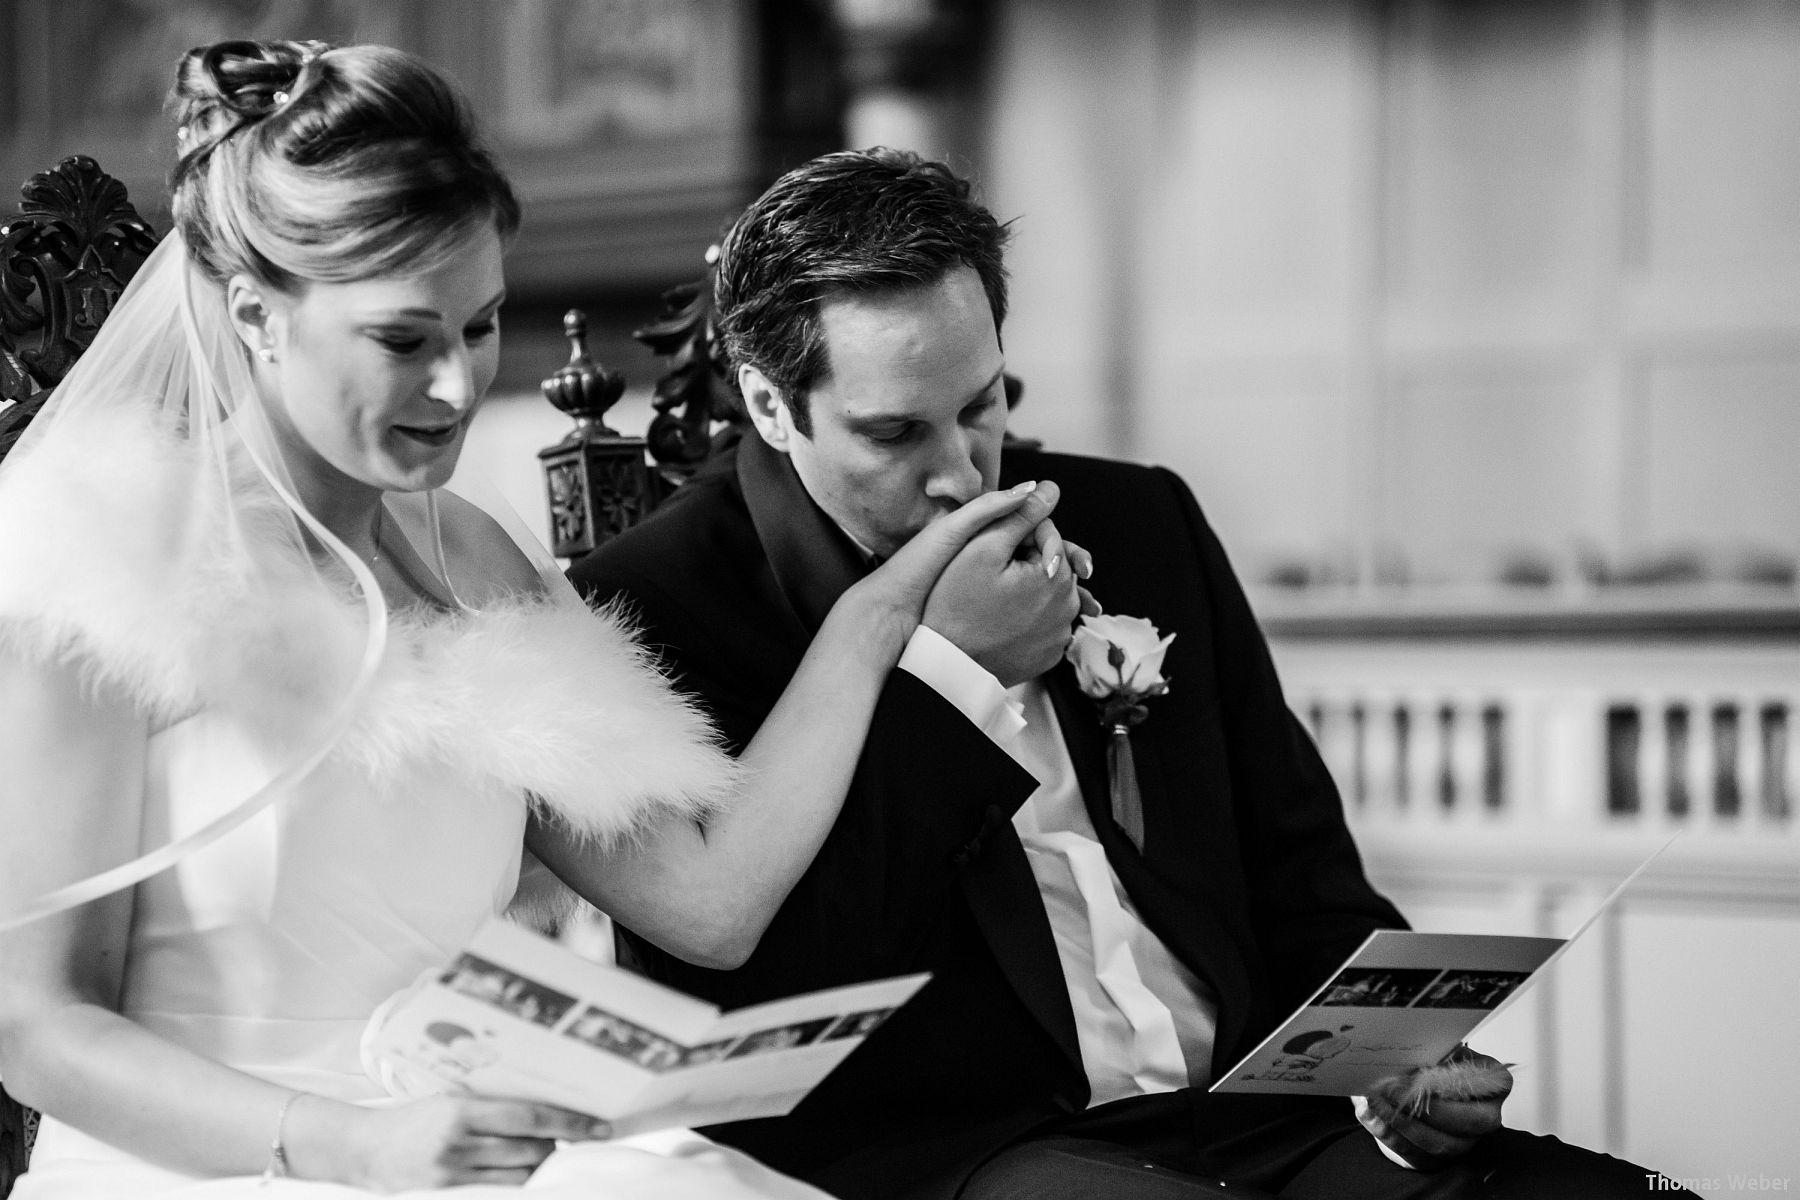 Hochzeitsfotograf Rastede: Kirchliche Trauung in der St. Ulrichs Kirche Rastede und Hochzeitsfeier in der Eventscheune St Georg Rastede mit dem Catering von Split Food (Michael Niebuhr) aus Oldenburg (19)